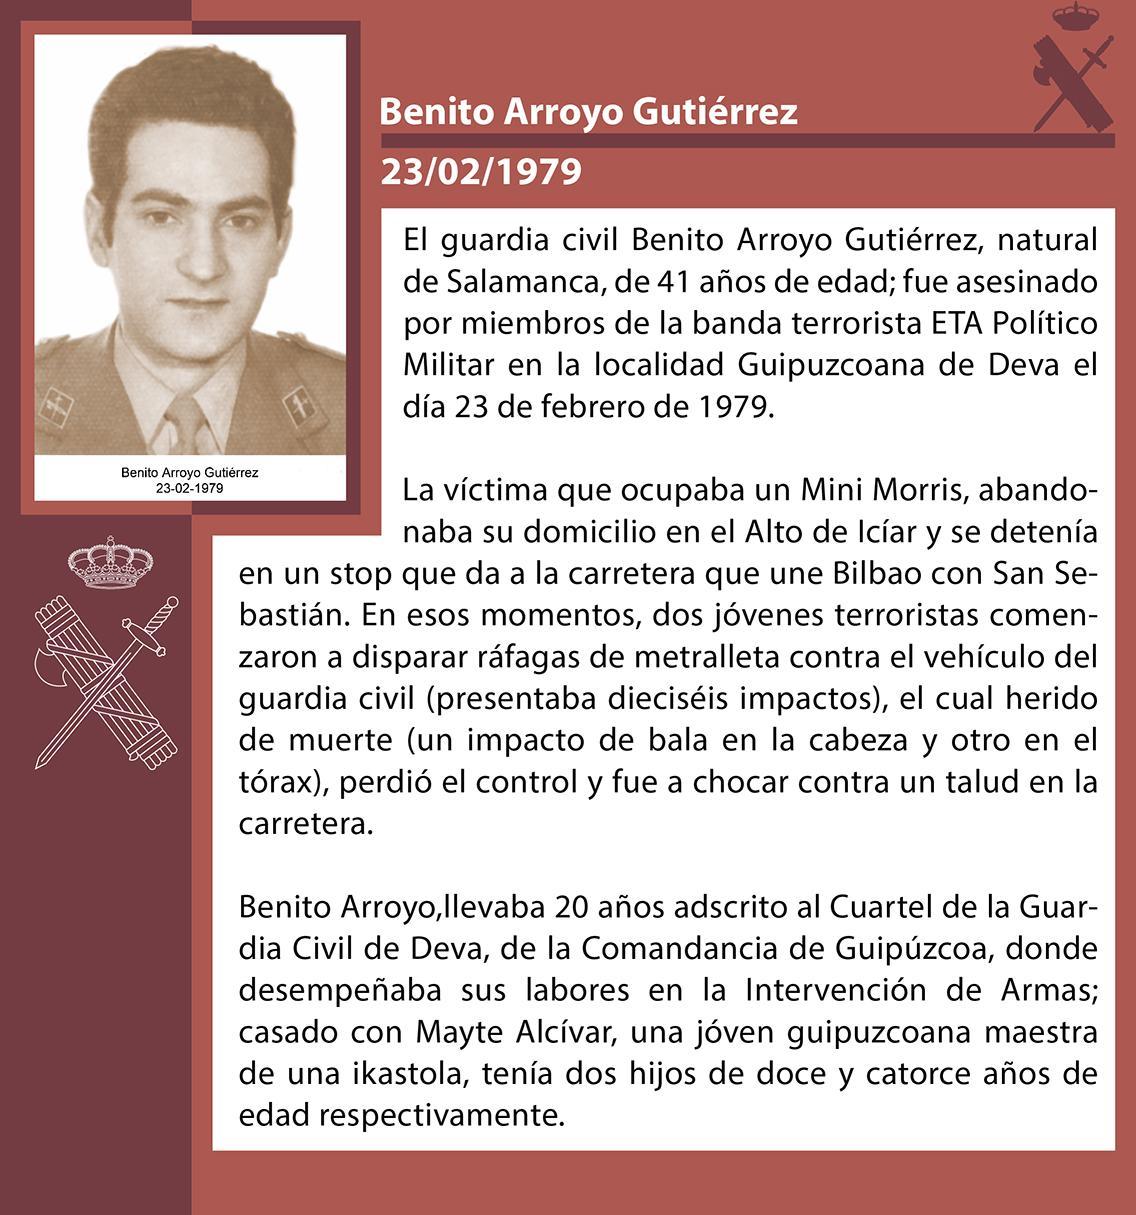 RT @guardiacivil: #TerrorismoGC En memoria del Guardia Civil BENITO ARROYO GUTIÉRREZ, asesinado Por #ETA , Deva (Guipúzcoa), 23/2/1979 http://t.co/6oHn2SVbRY